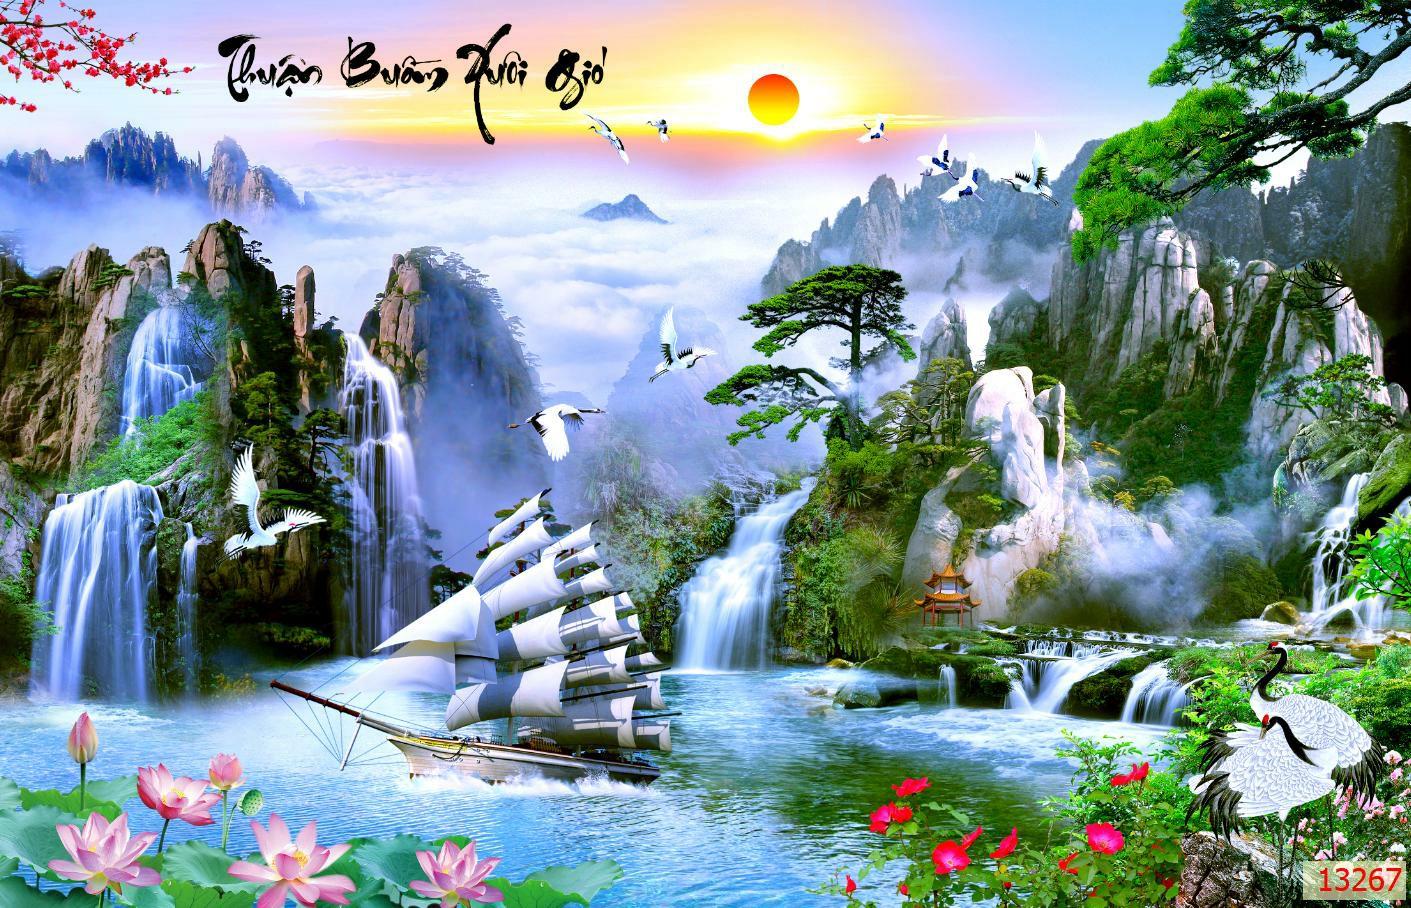 Tranh Thuận Buồm Xuôi Gió- 13267